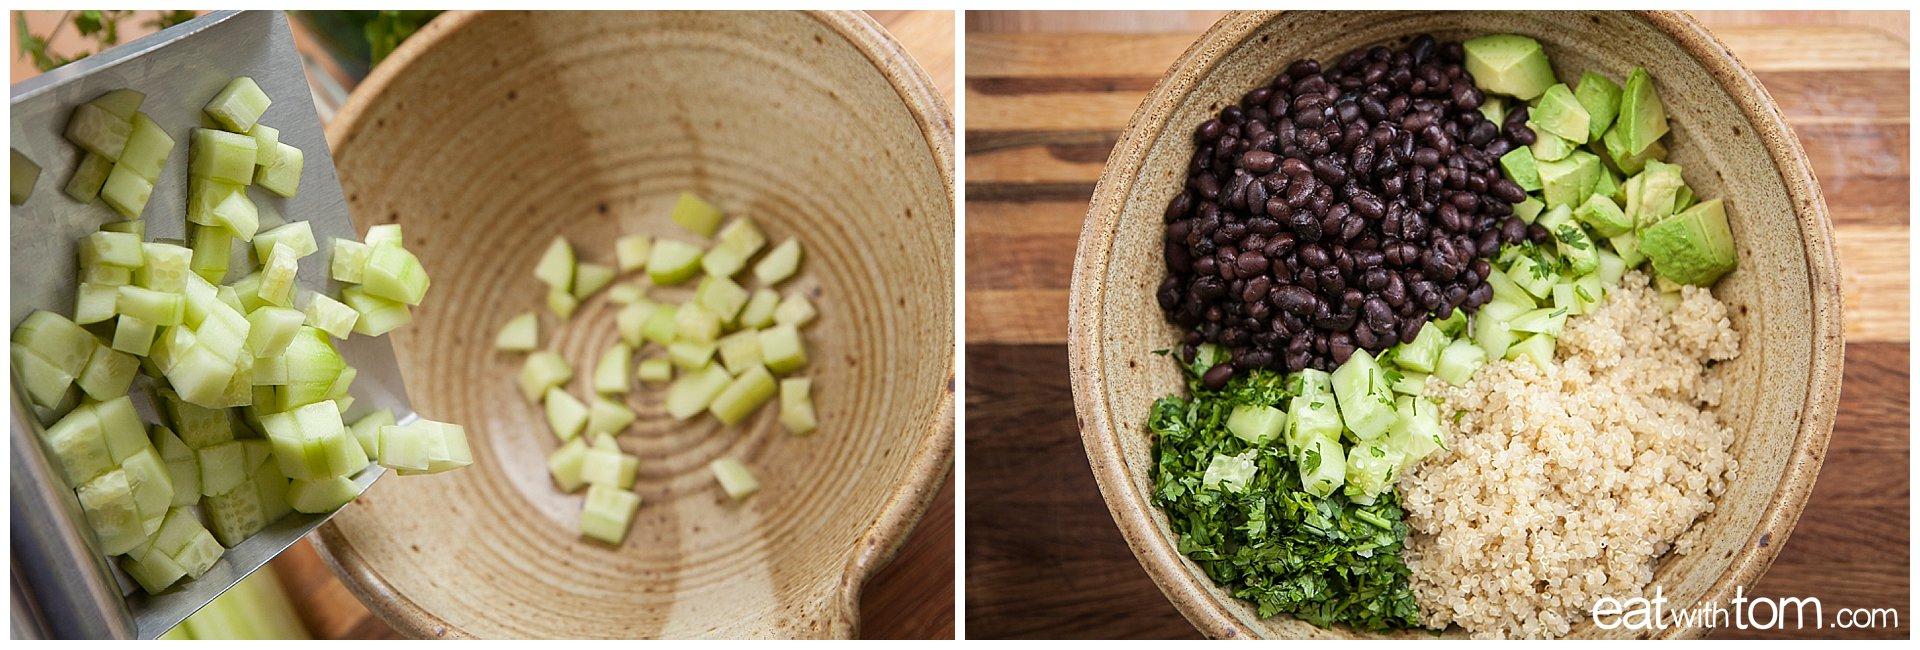 Chop cucumbers - Simple Black bean and Quinoa recipe